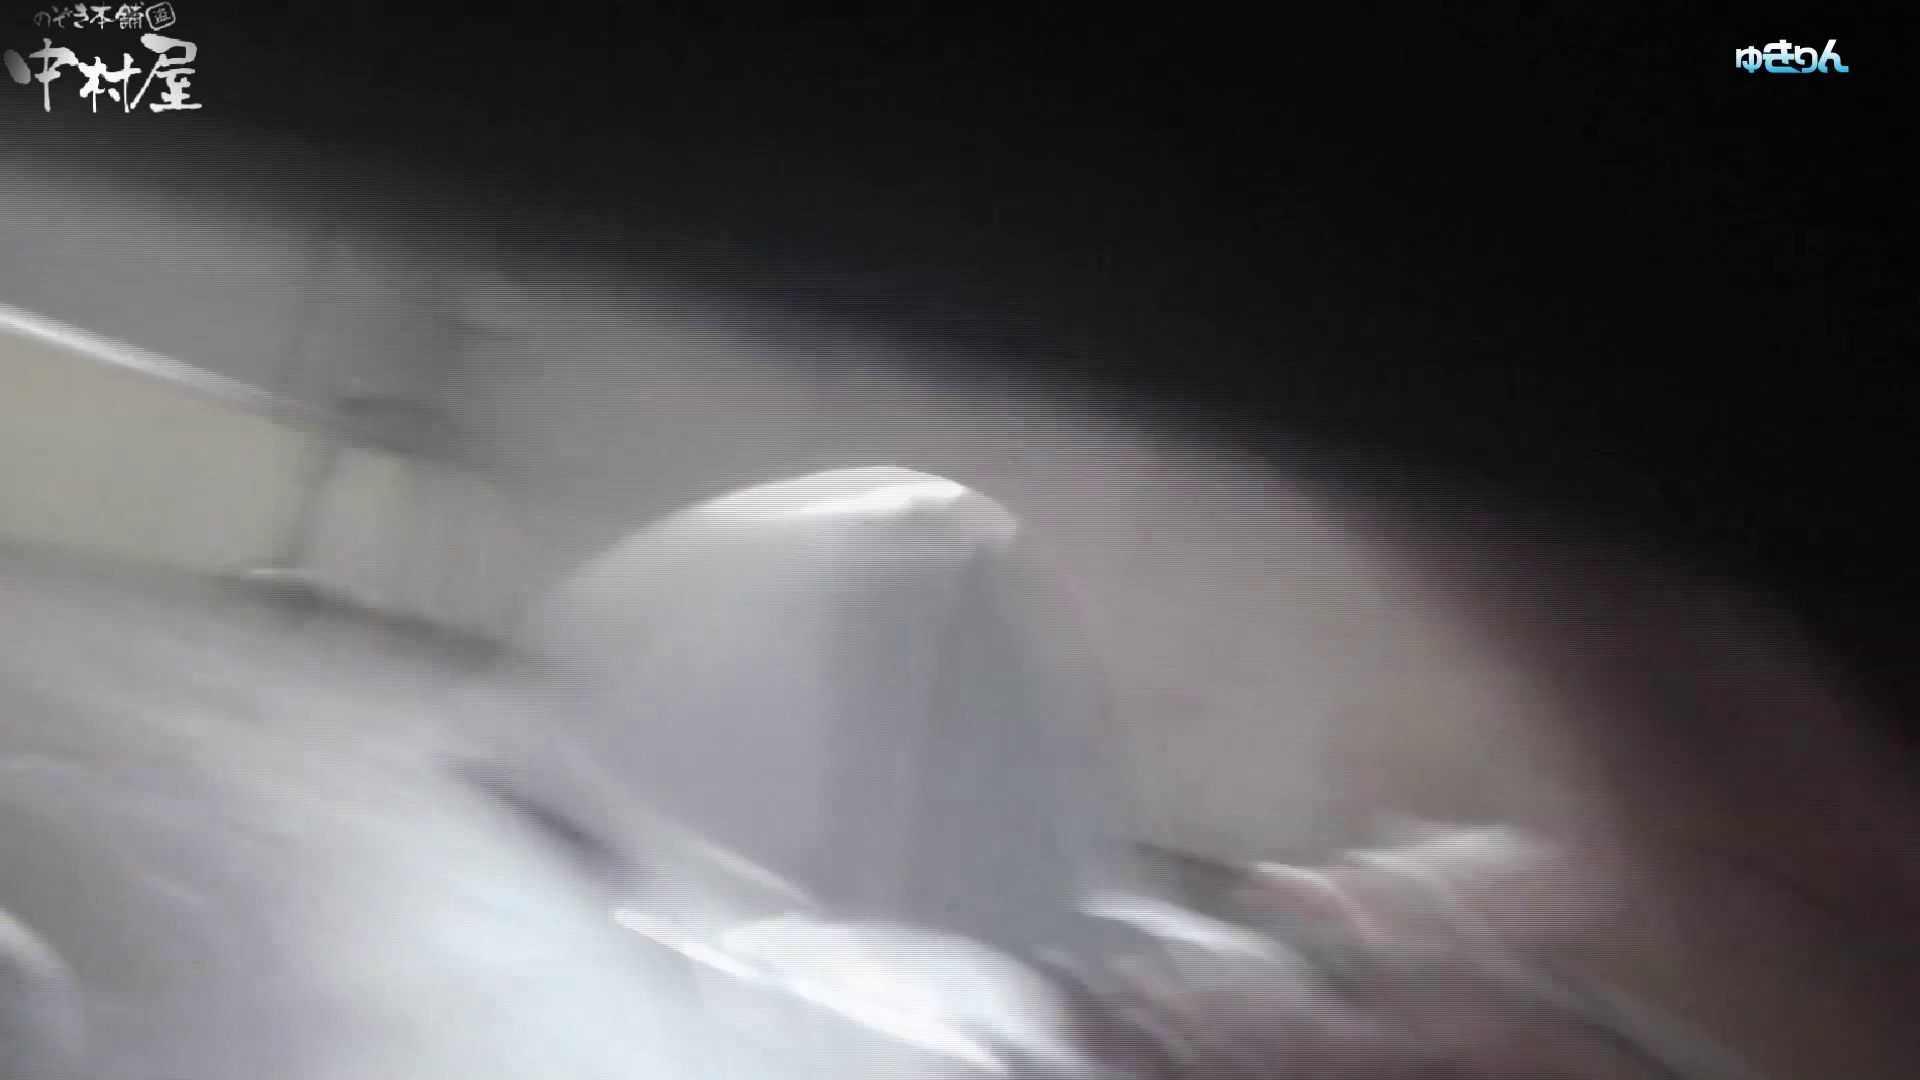 世界の射窓から~ステーション編 vol58 0.1%の確率!!吸い付こまれるプレミアム聖地 おまんこ見放題 | 盗撮シリーズ  80PIX 65